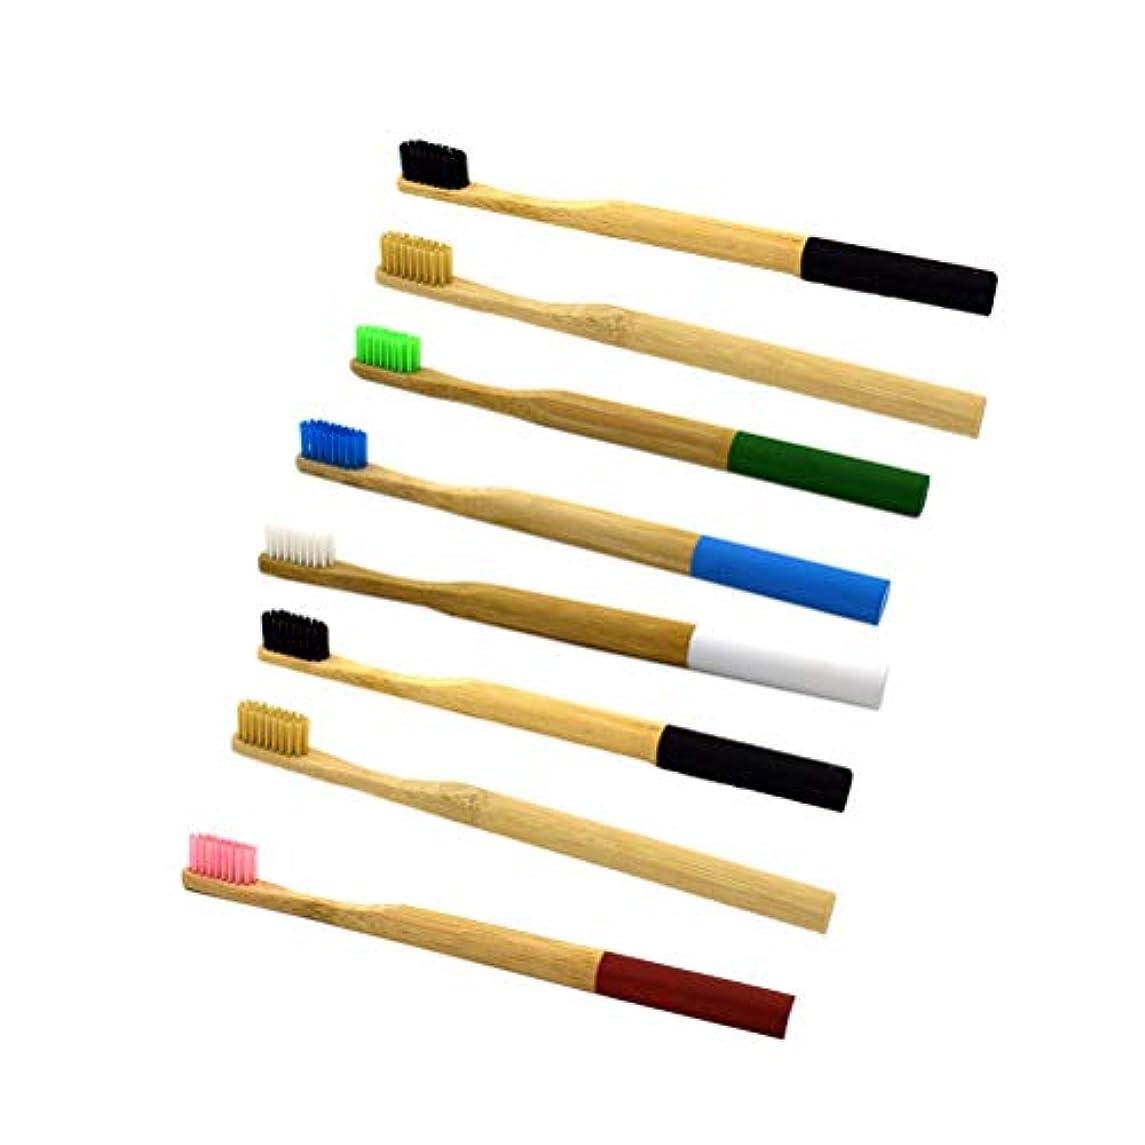 階段大使館洗練されたHealifty 柔らかい環境に優しい歯ブラシ8本の天然竹製の歯ブラシ柔らかいエコフレンドリーなラウンドハンドルの歯ブラシと柔らかいナイロン剛毛(混合色)